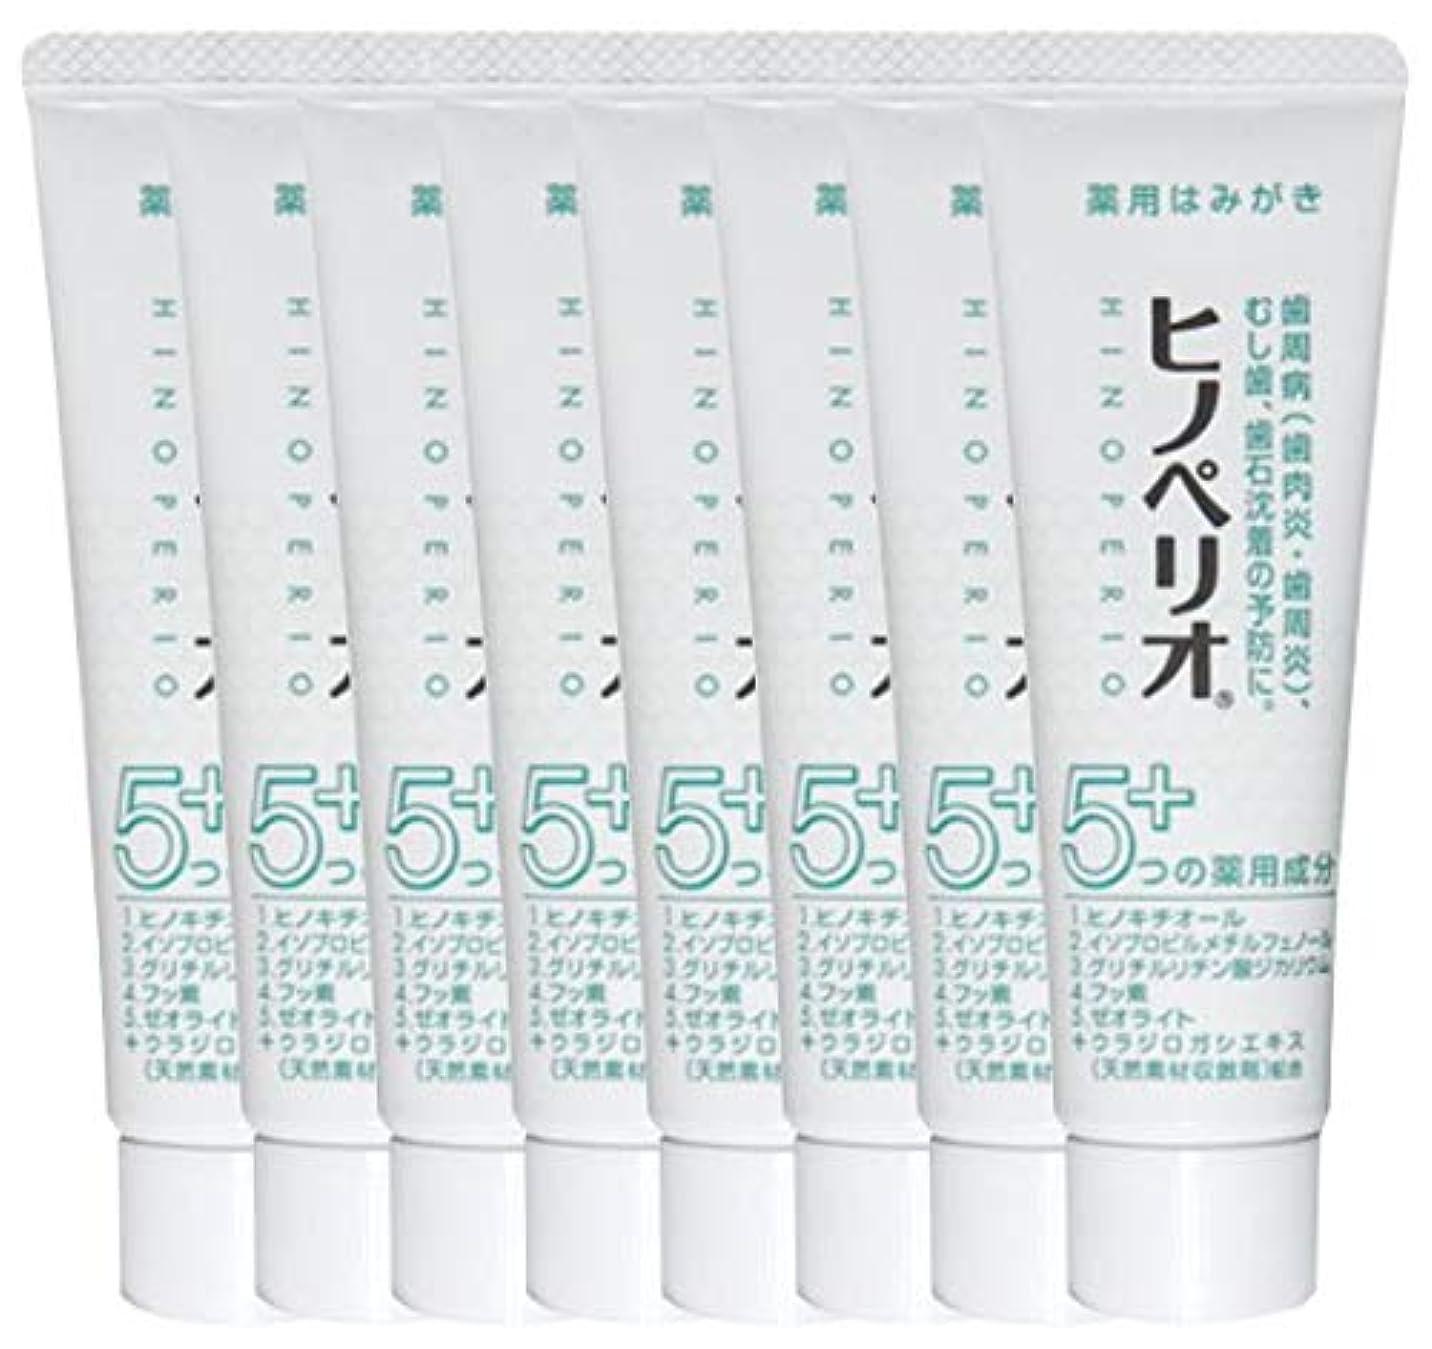 だます放射する扱いやすい昭和薬品 ヒノペリオ60g 医薬部外品 × 8本